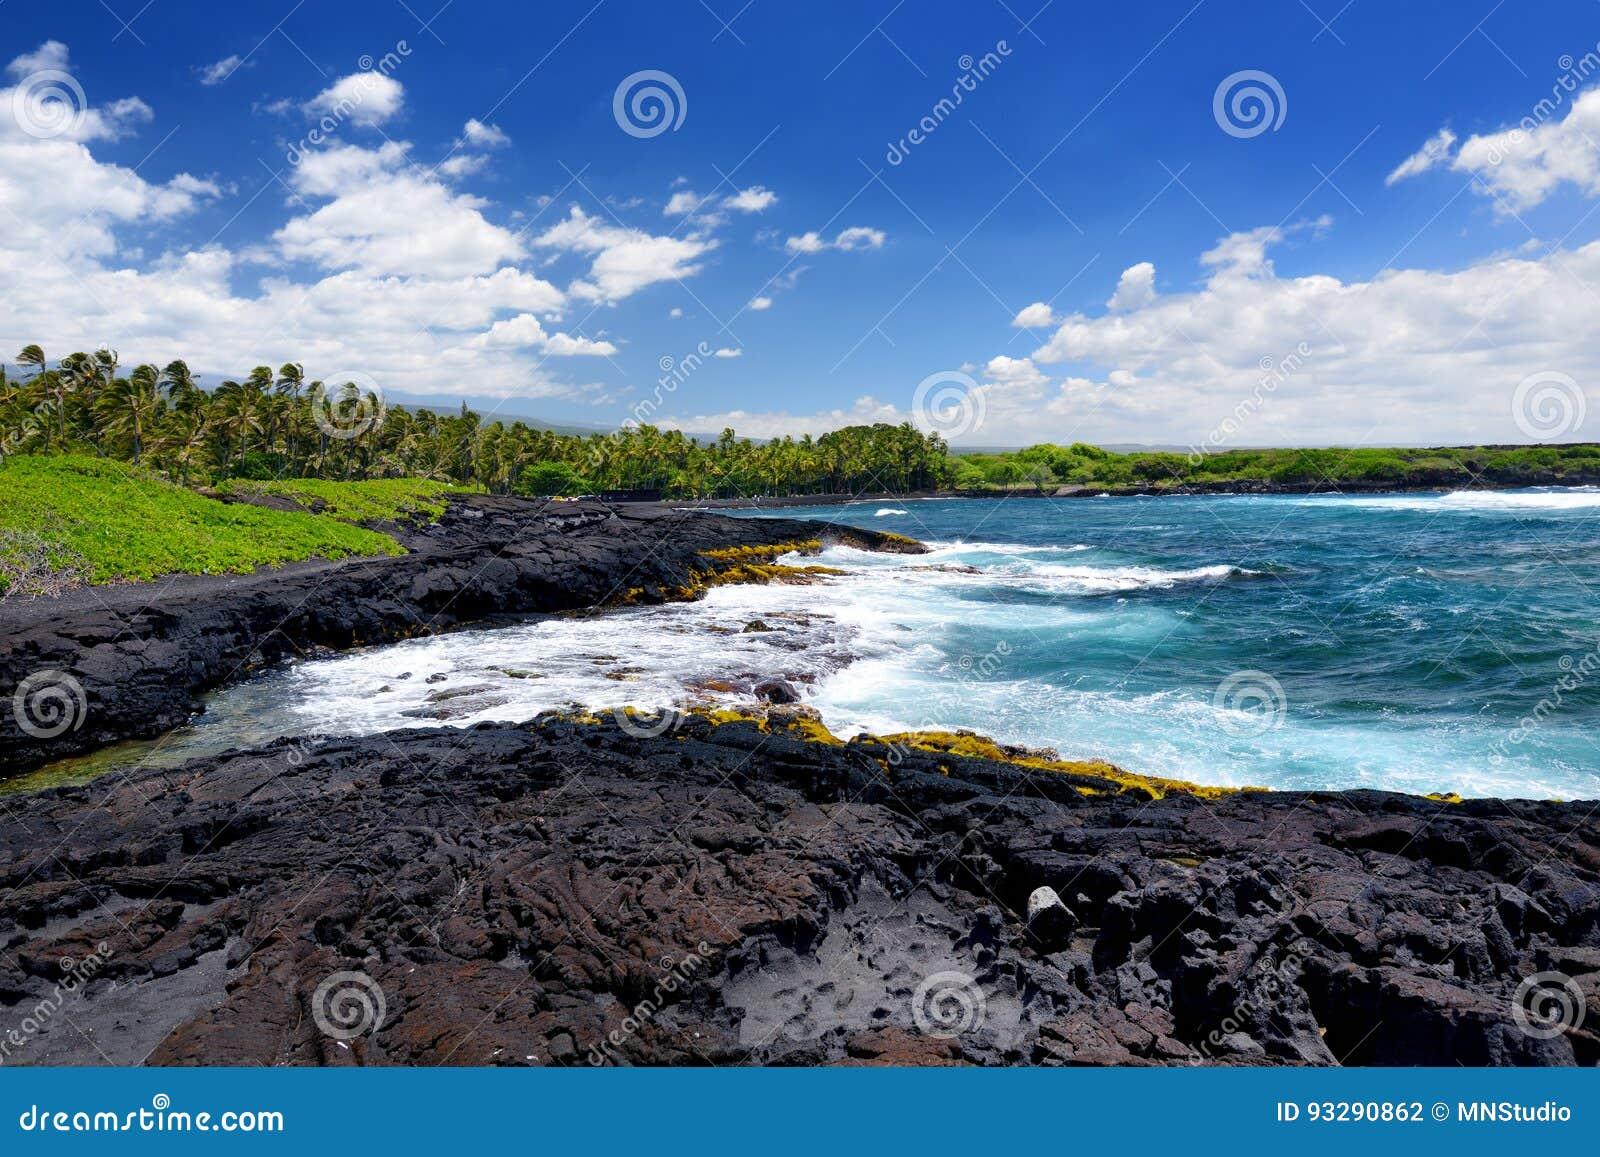 Buse och stenig kust på sydkusten av den stora ön av Hawaii